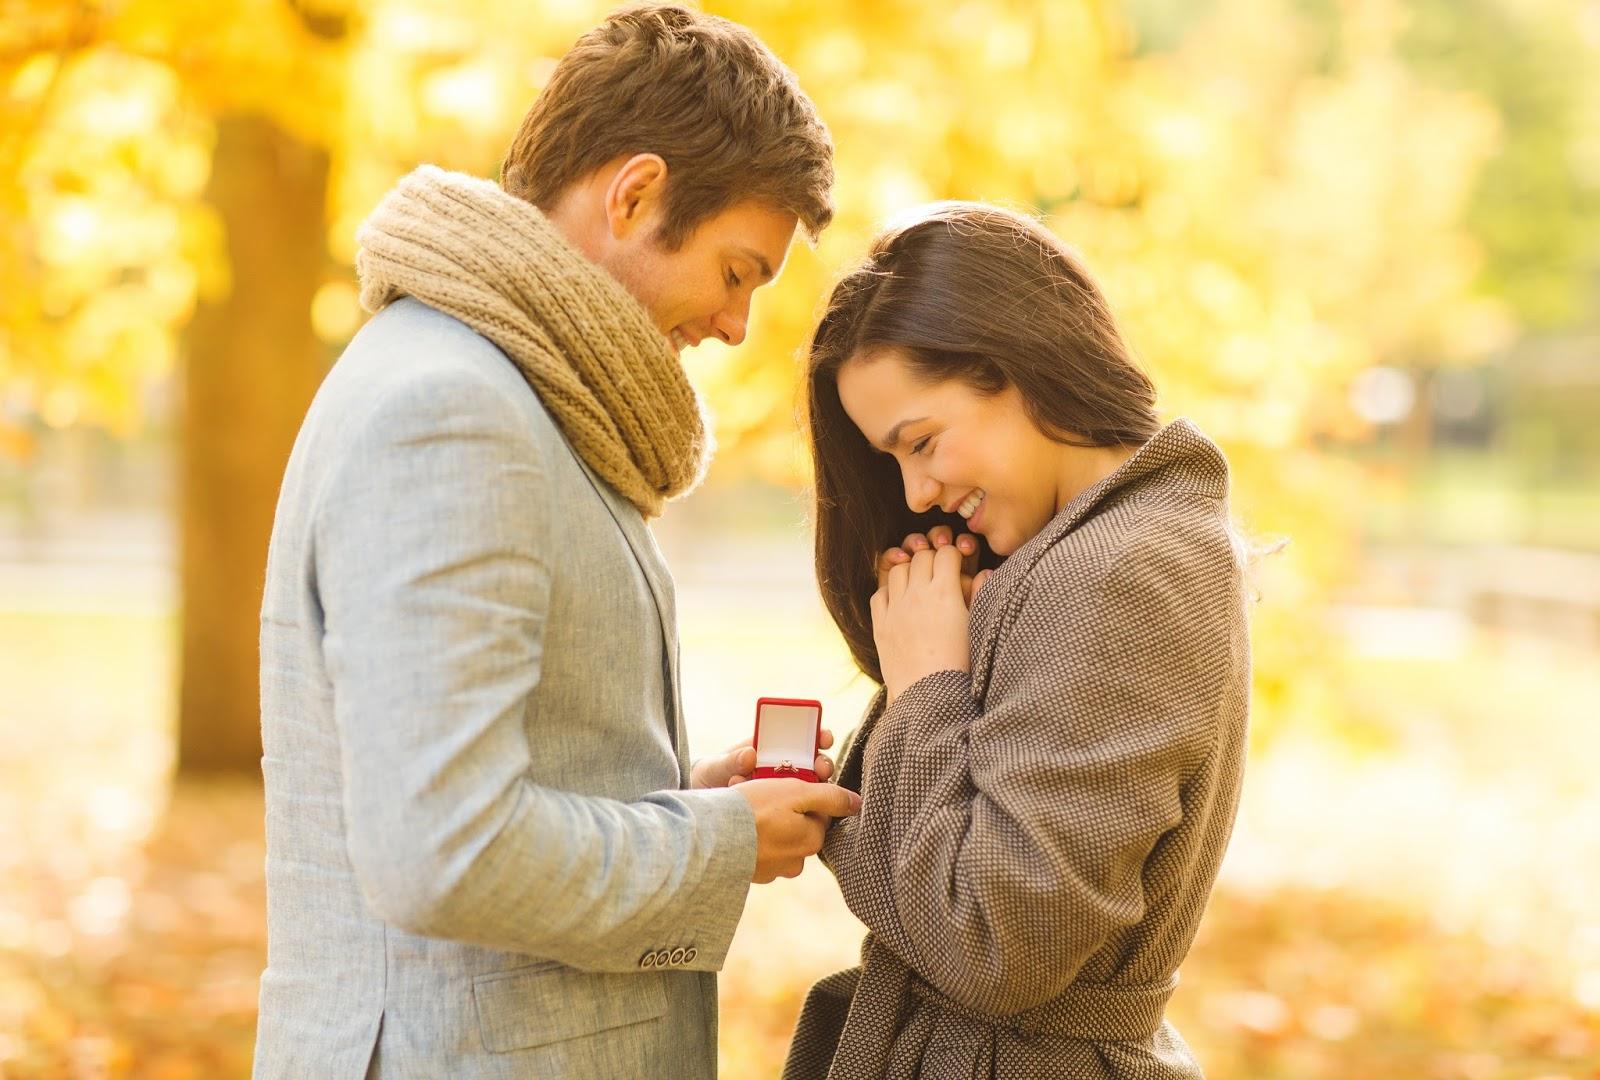 بالصور تنزيل صور رومانسيه , الرومانسيه واشياء تتطلب ان تفعلها للرومانسيه 5216 11